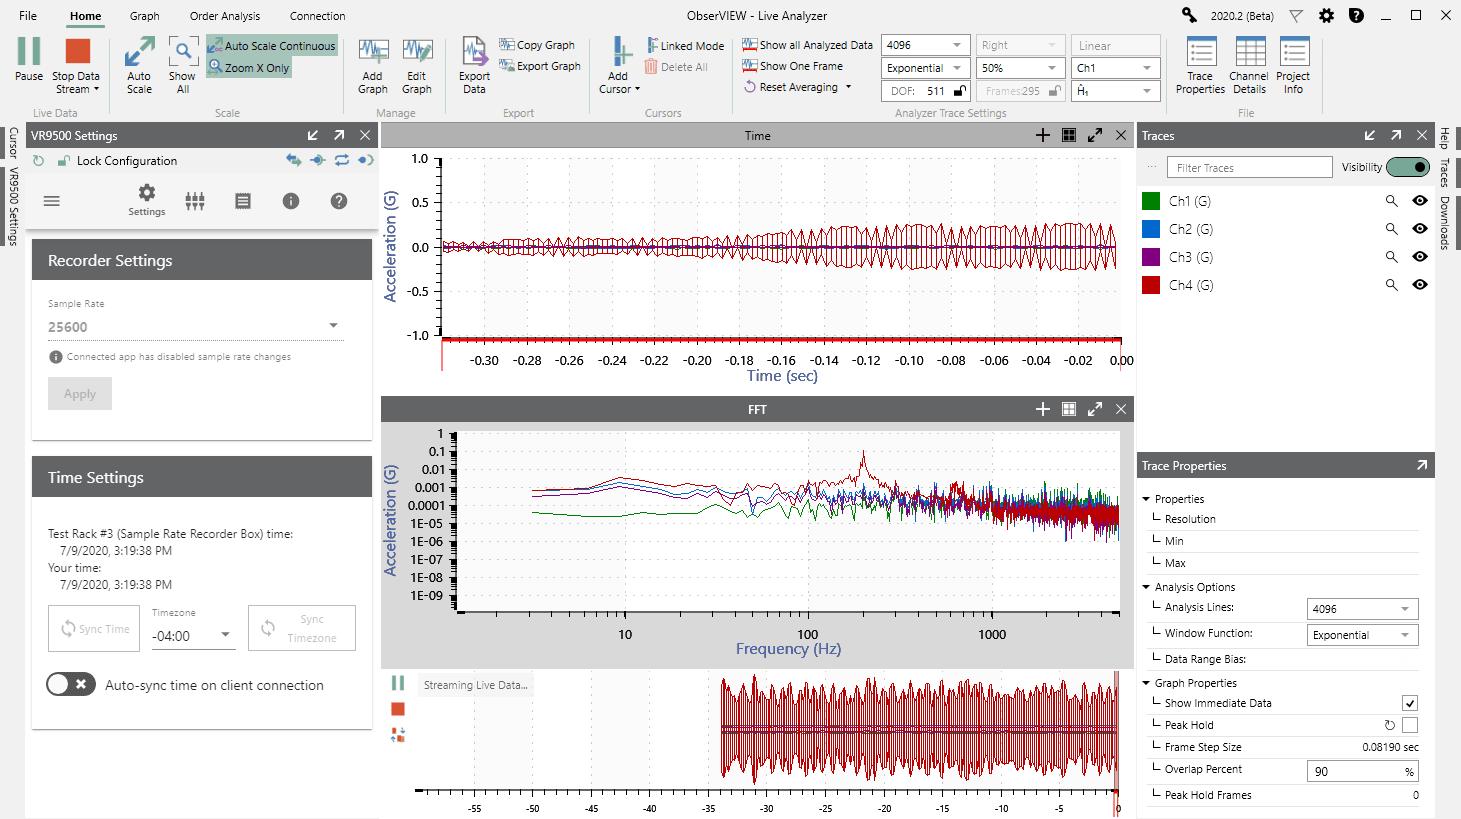 ObserVIEW Live Analyzer software feature screenshot